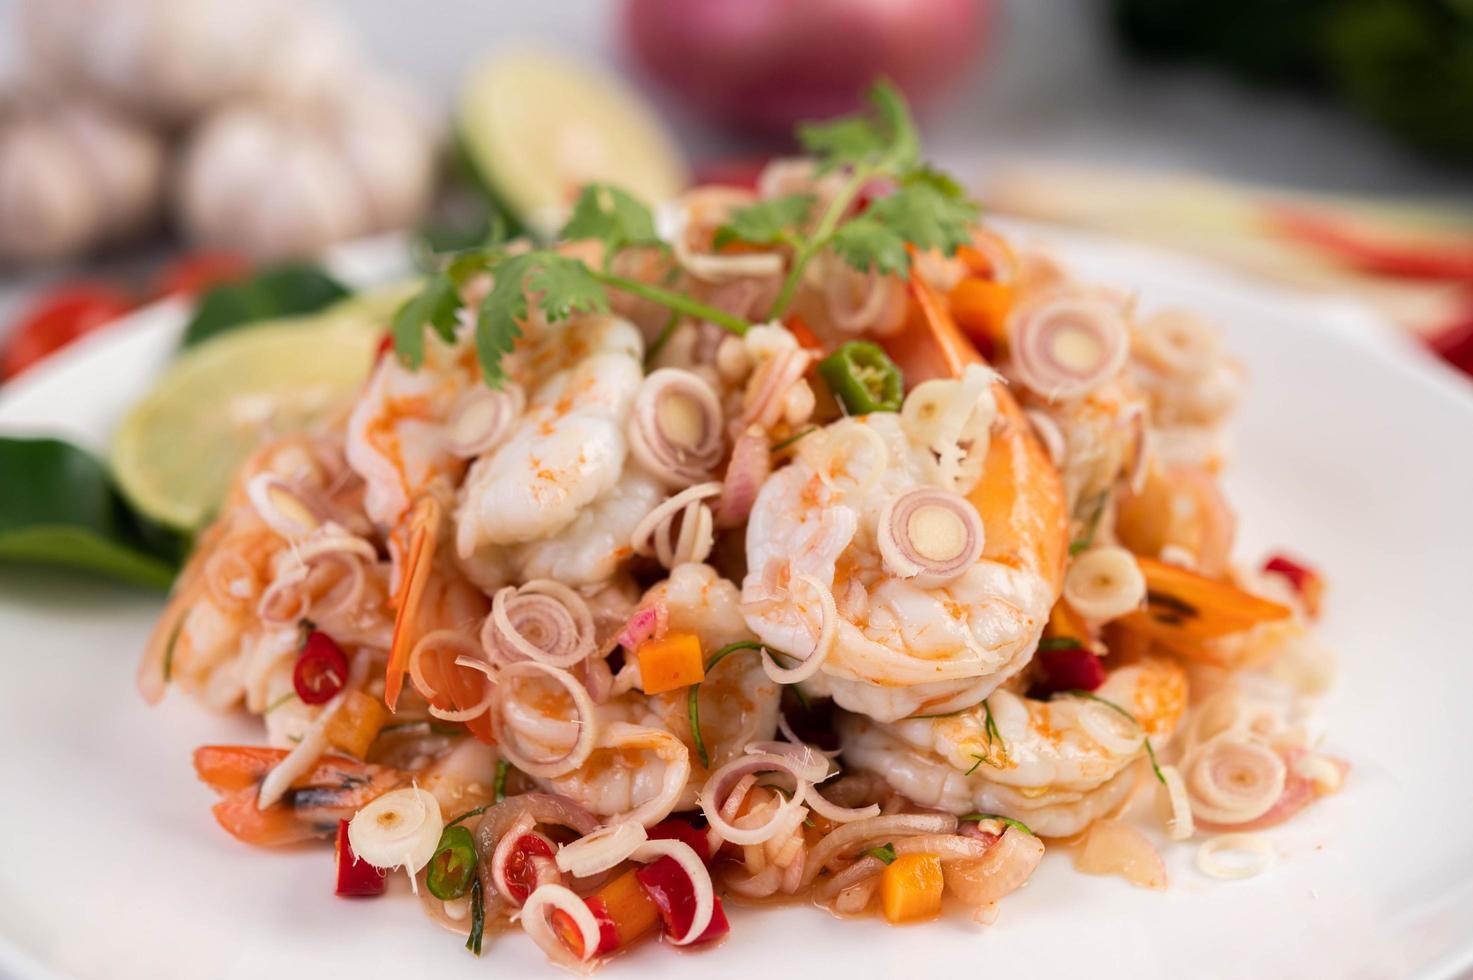 ensalada tailandesa picante con camarones foto